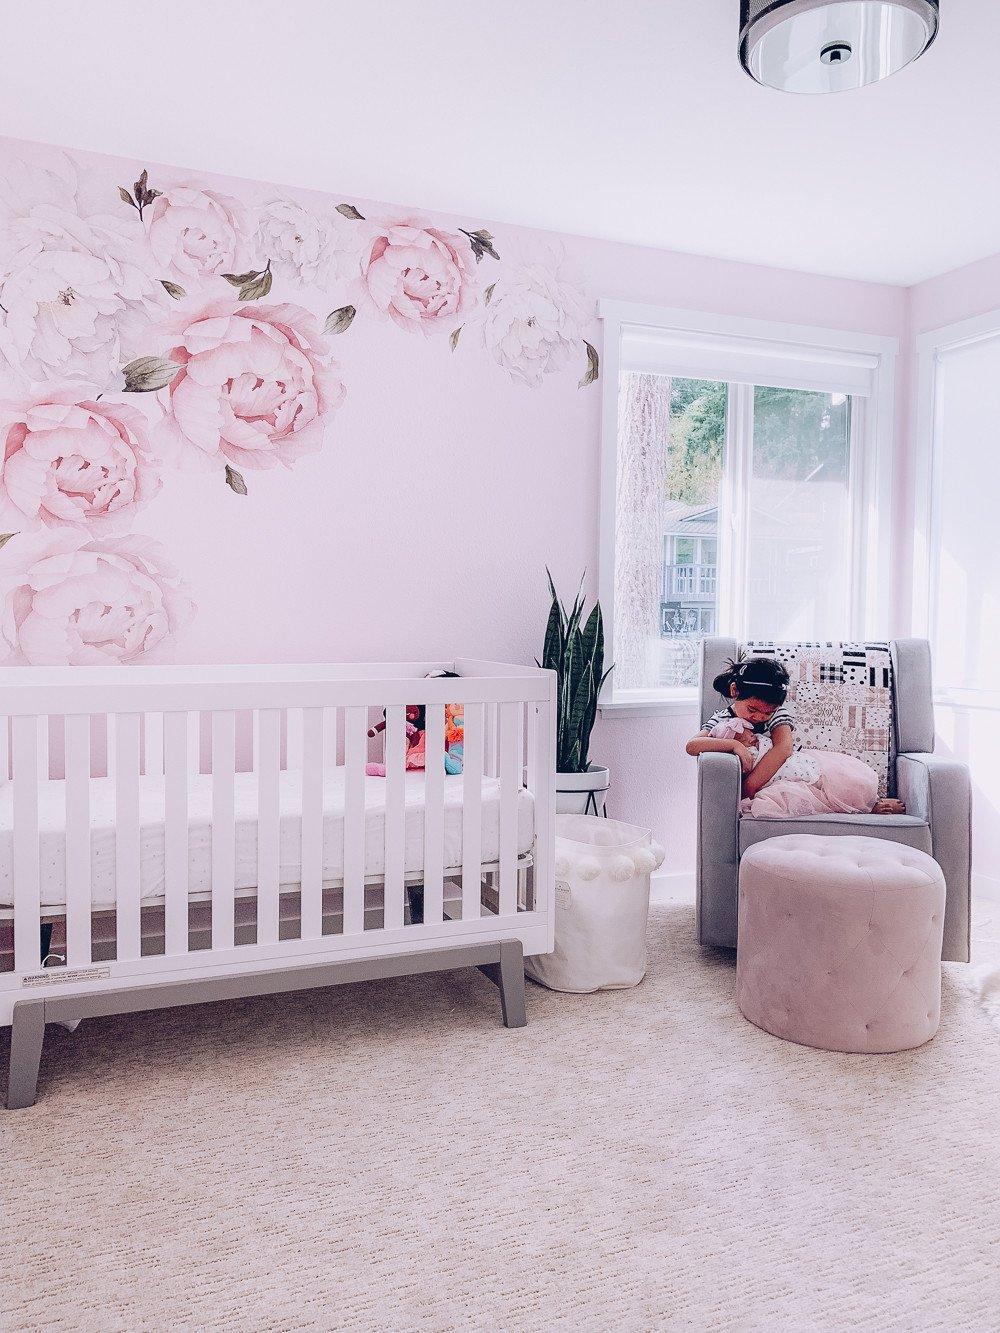 Baby Girl Nursery Decor Ideas Fresh Nursery Reveal Pink and Gray Floral Nursery Decor